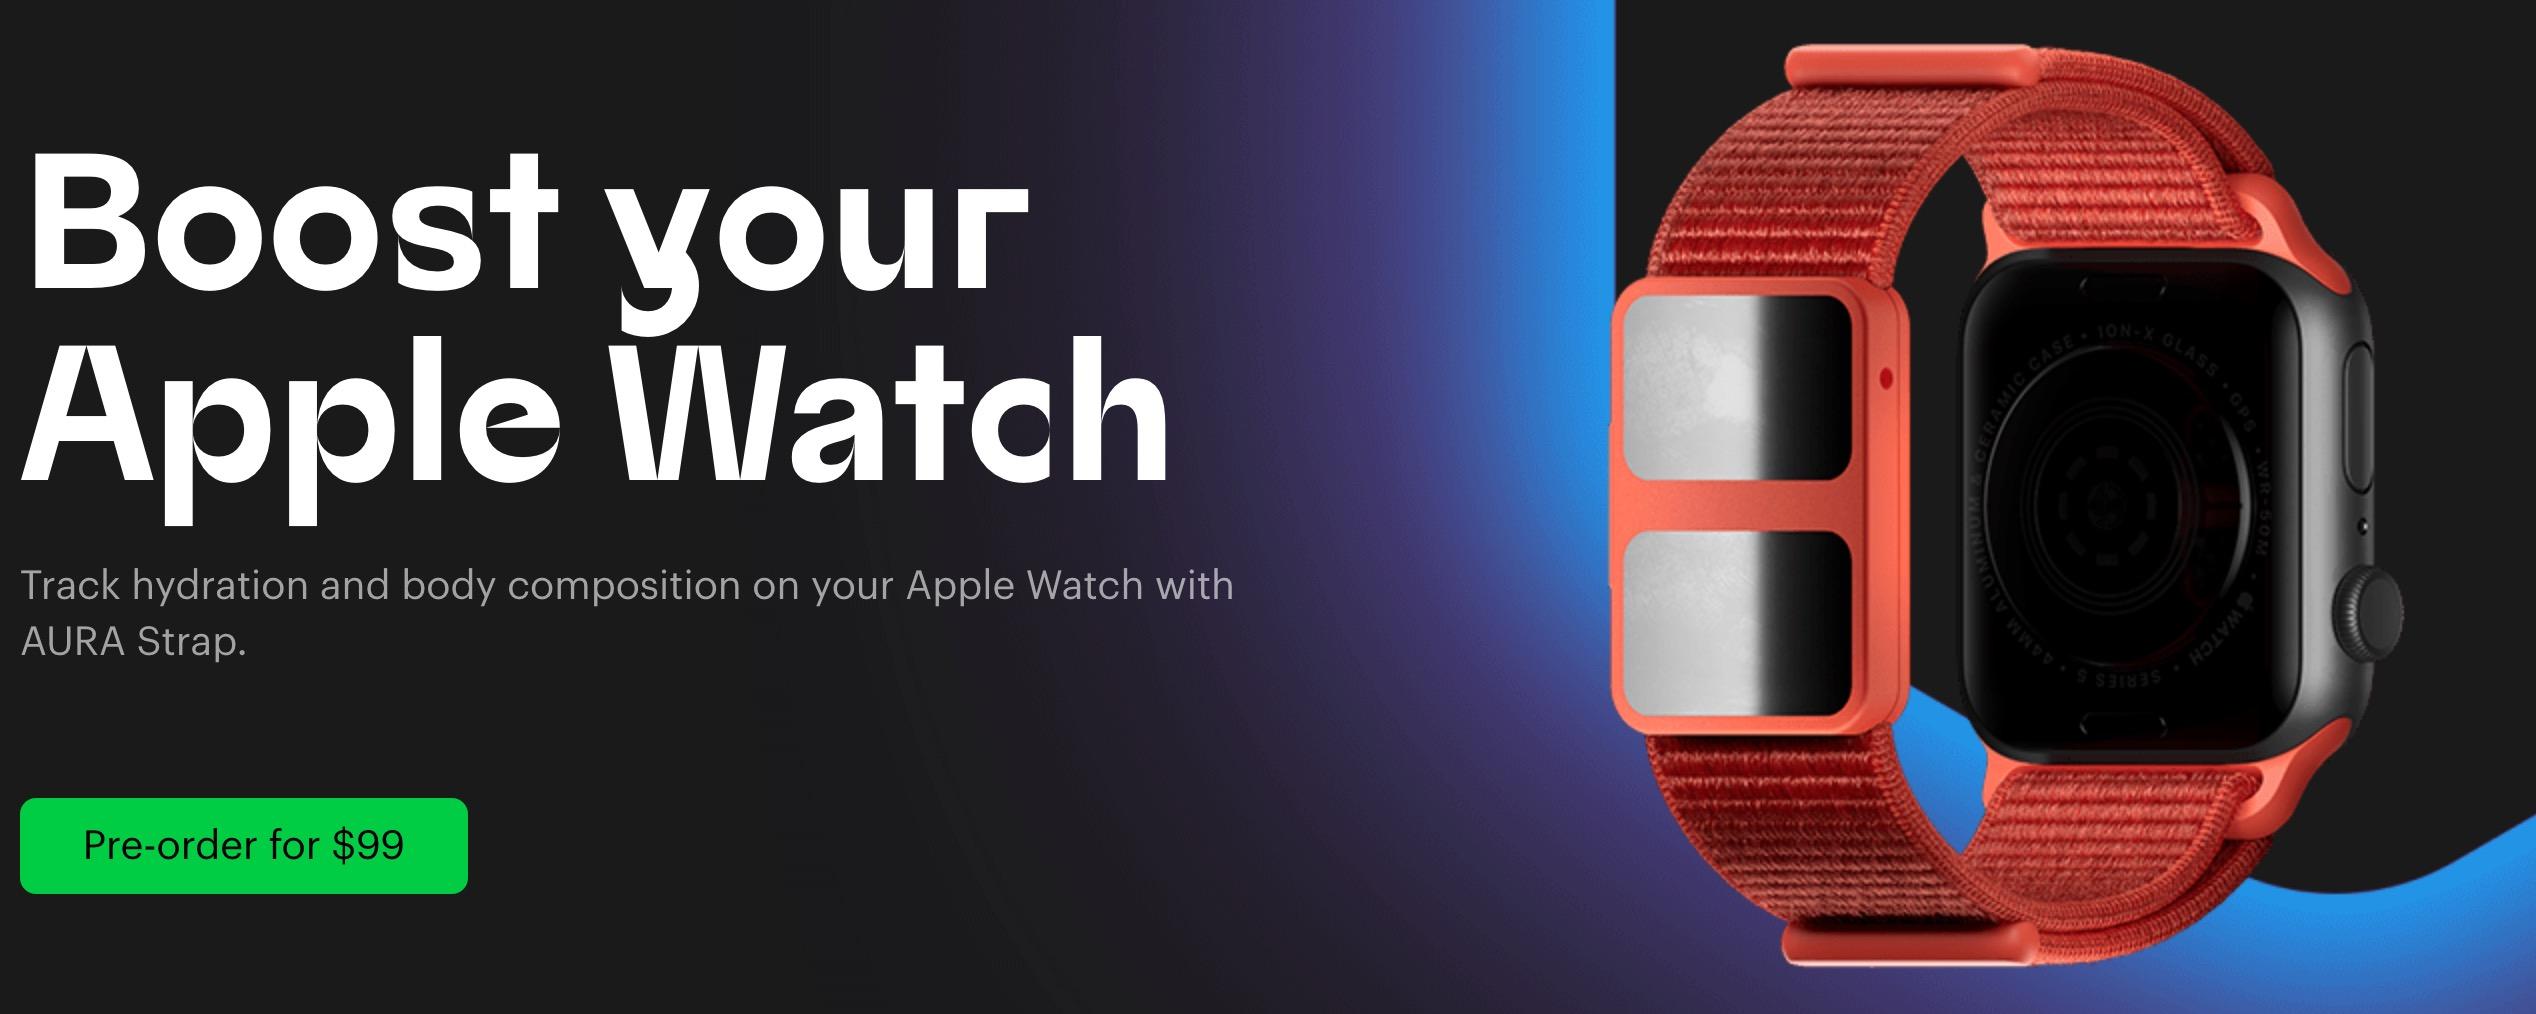 Novos sensores de hidratação e composição corporal para o Apple Watch